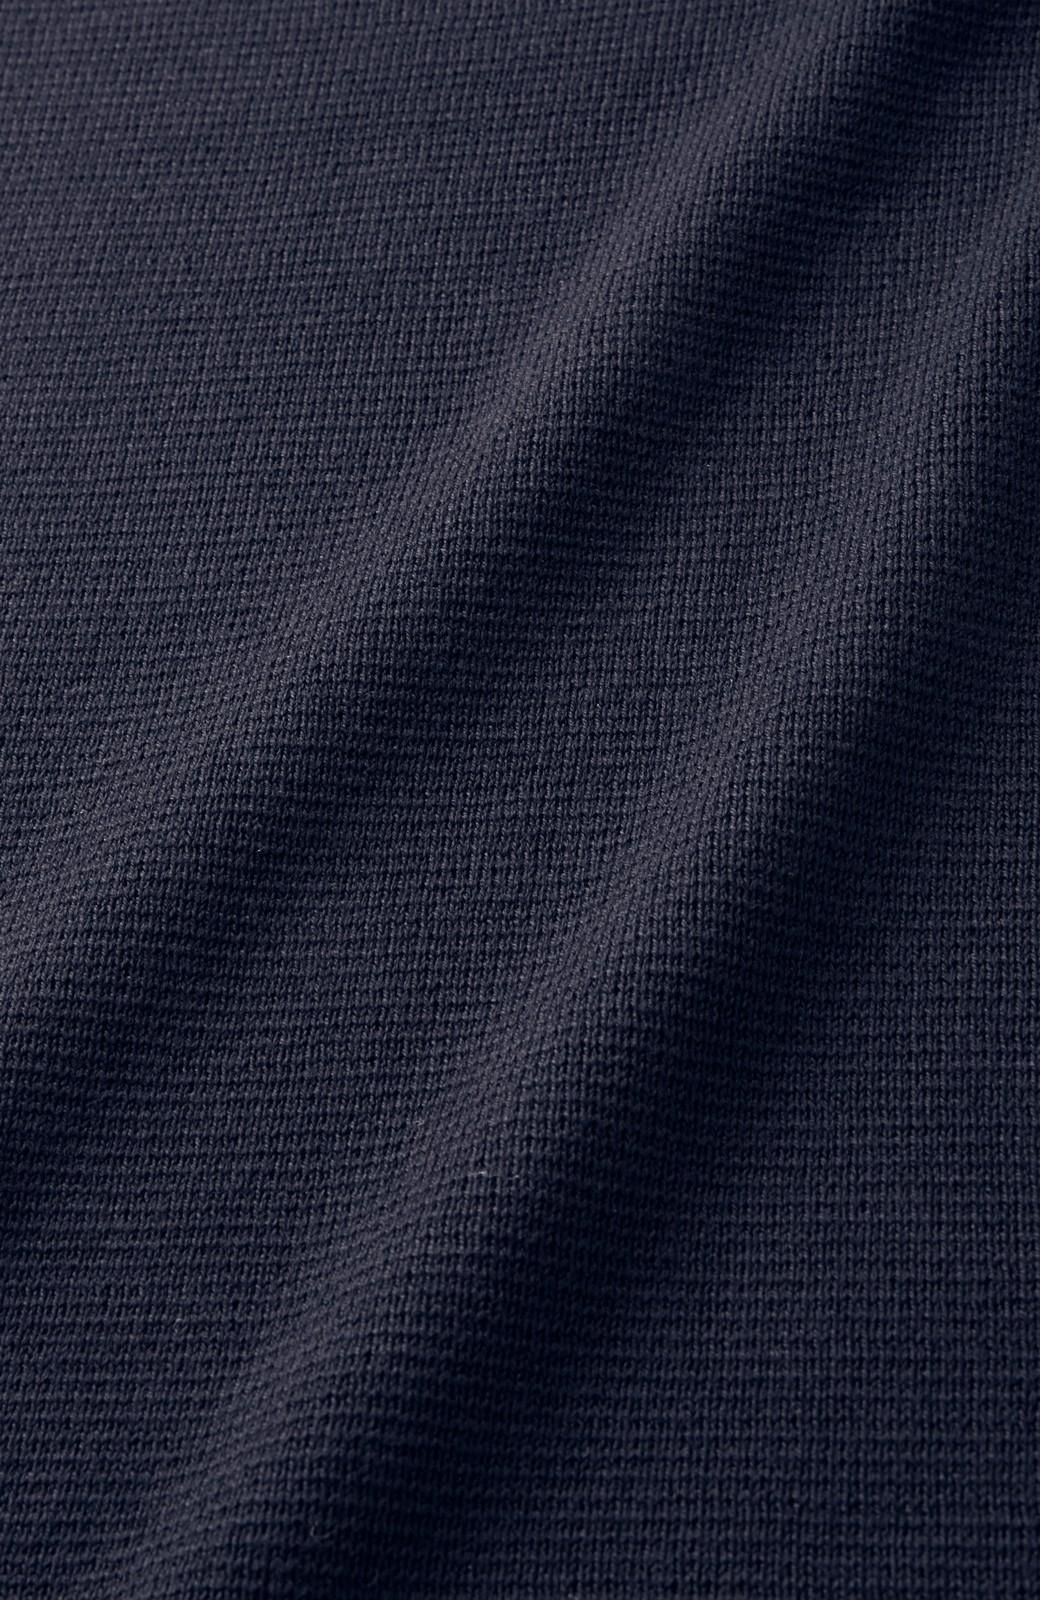 エムトロワ デオドラント素材で作ったミラノリブニットパンツ <ブラック>の商品写真4